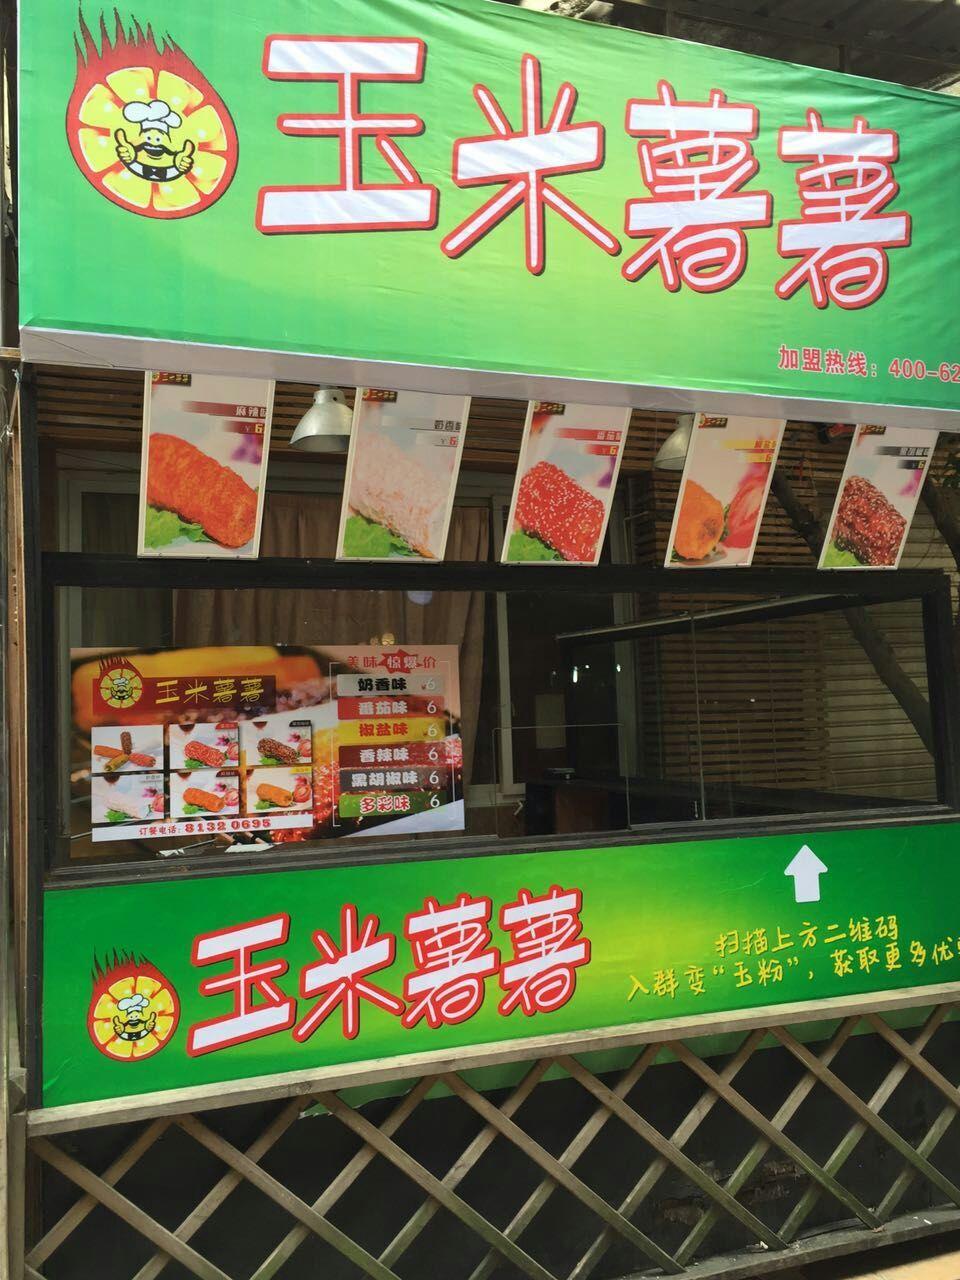 玉米薯薯重庆南山一店